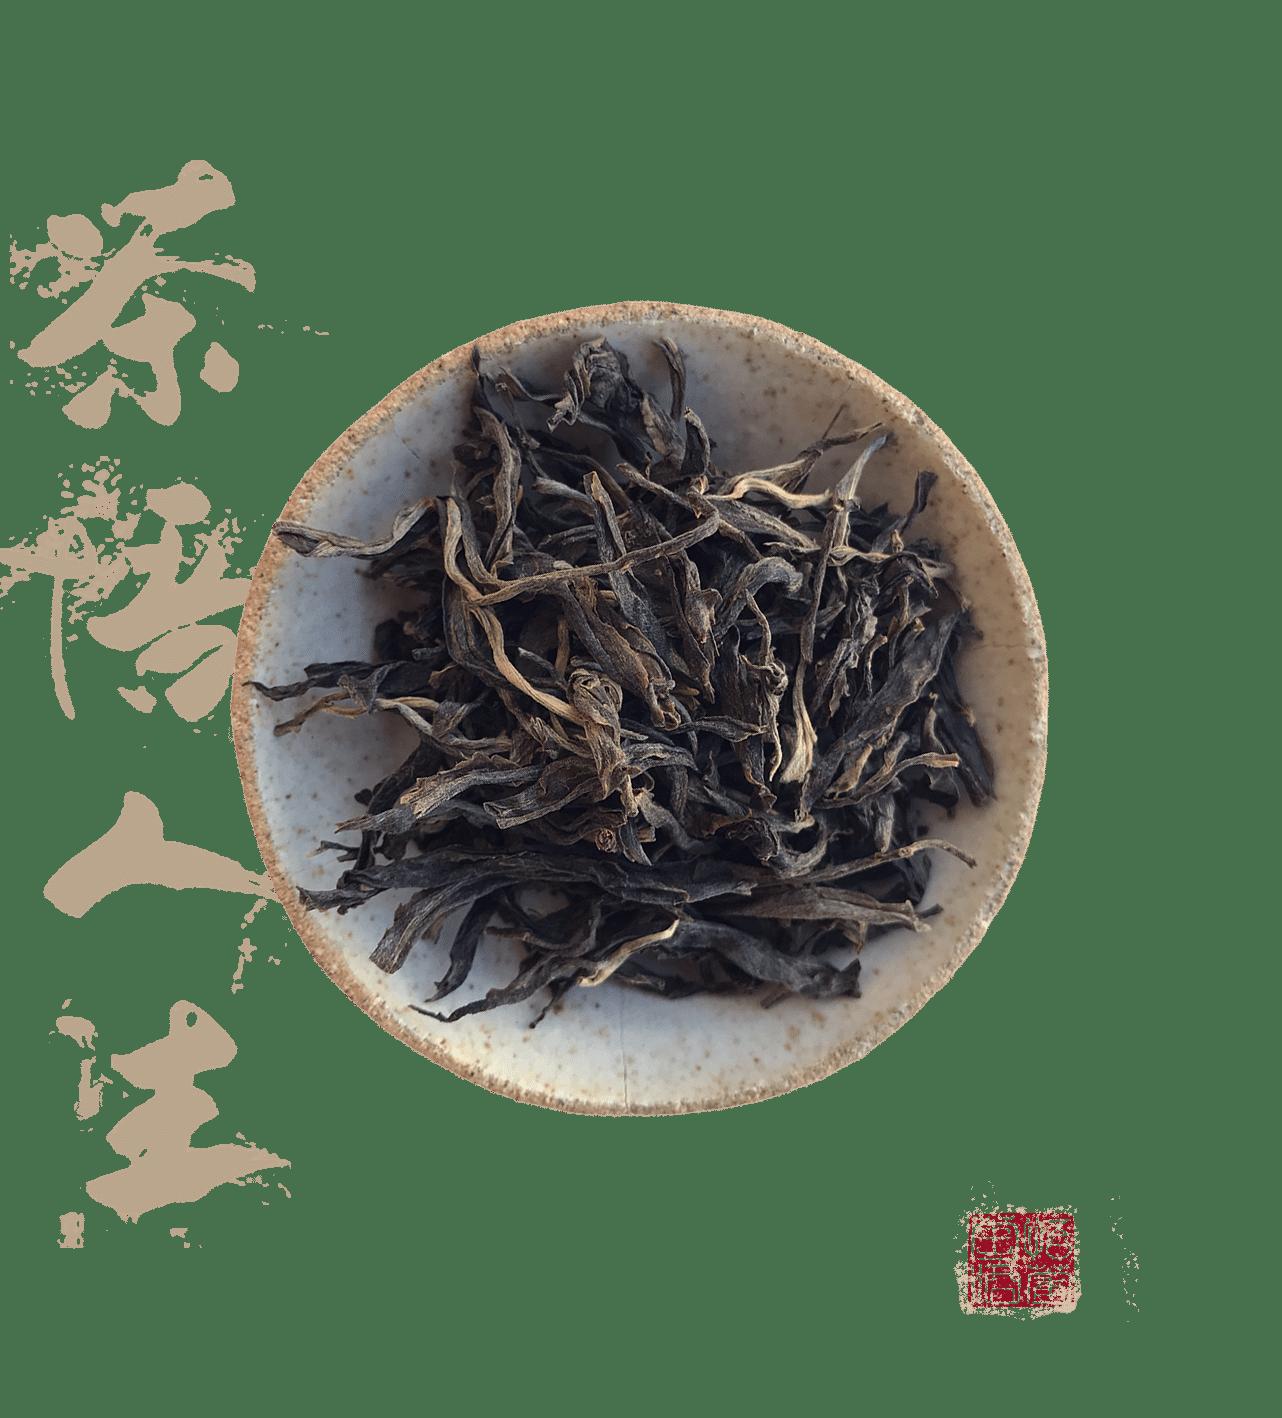 Da hu sai da shu is a sheng pu erh from yunnan